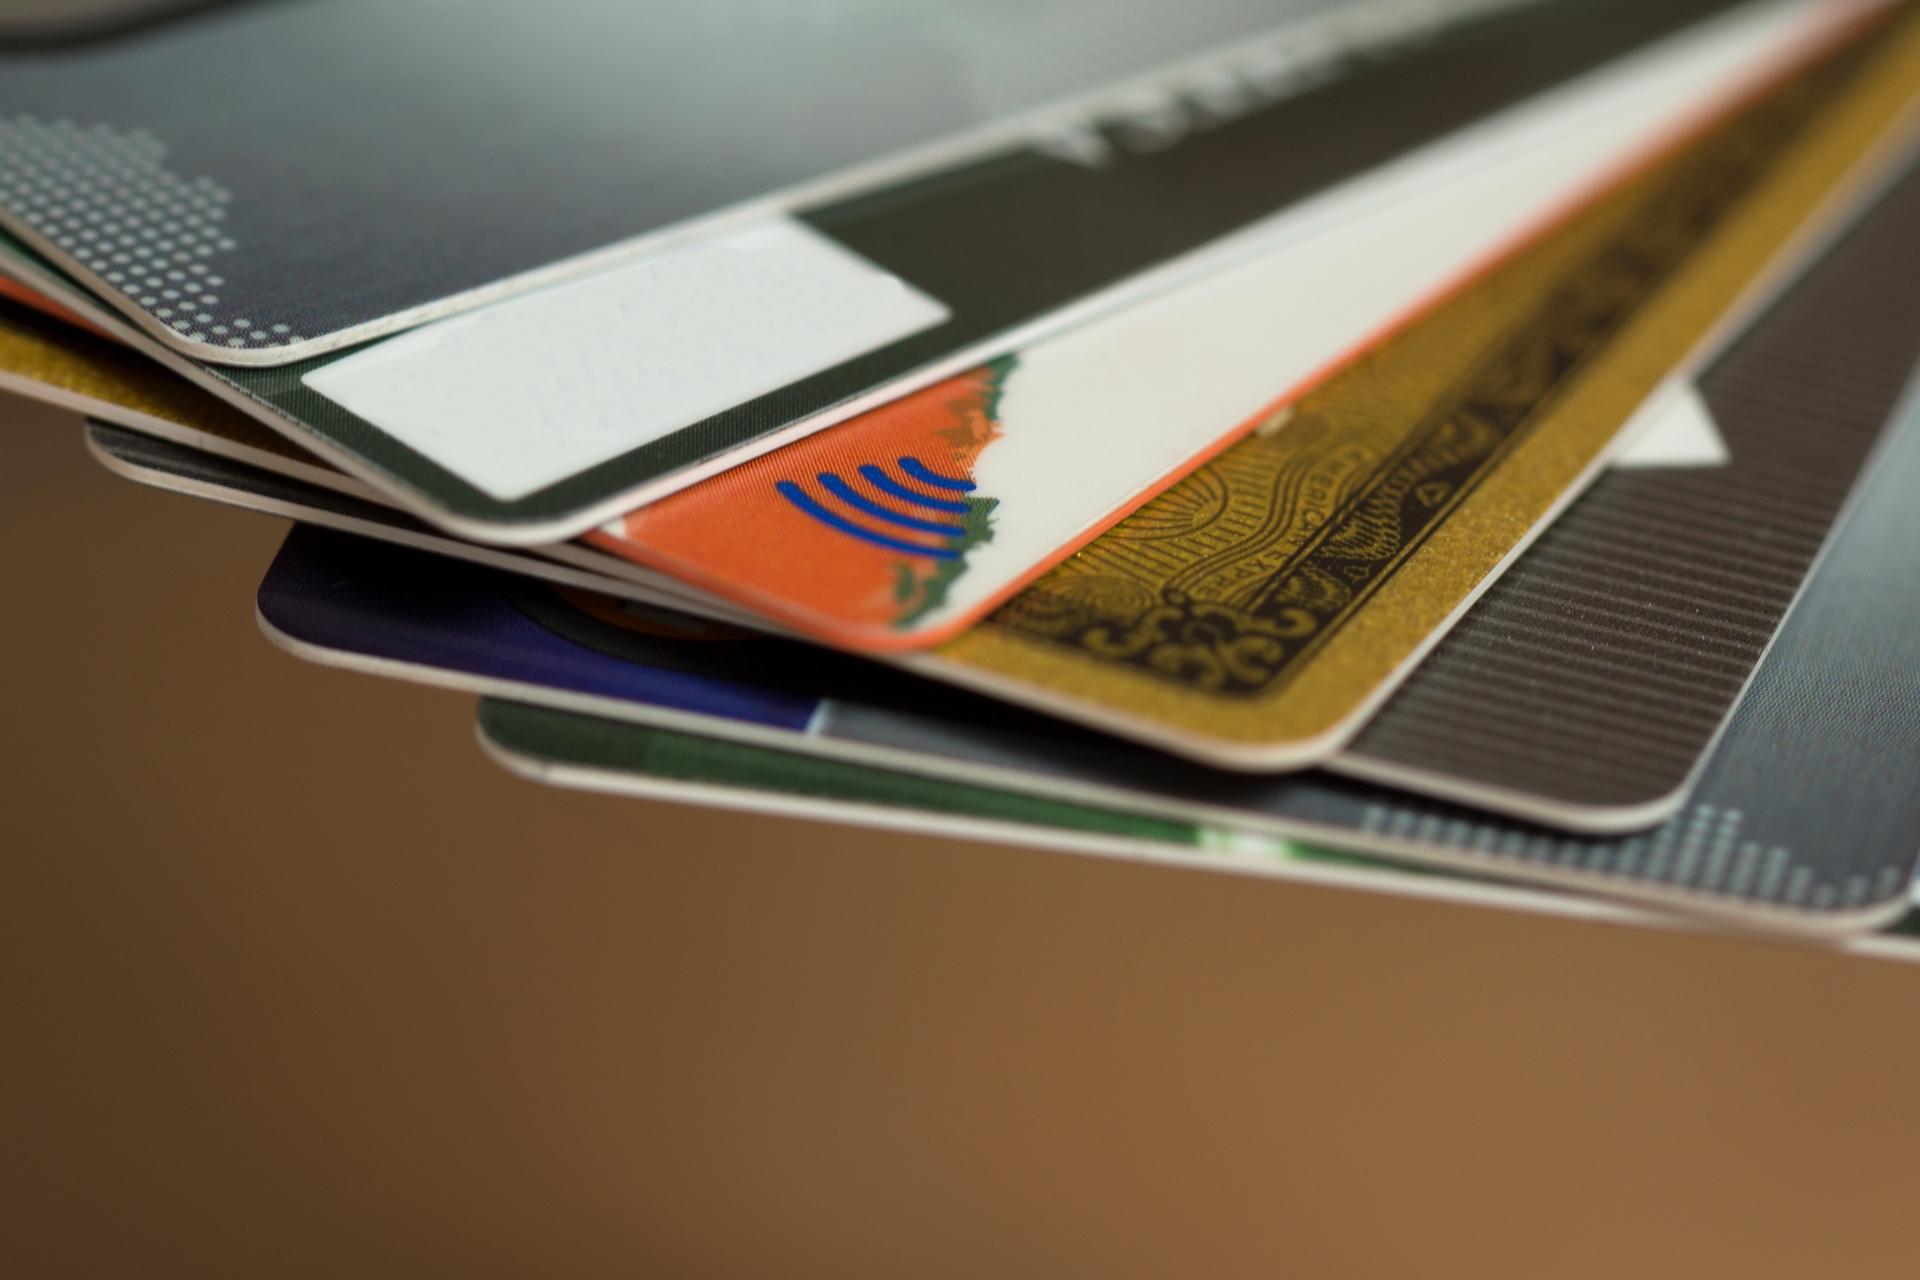 【海外旅行保険】クレジットカードの海外旅行保険の特徴